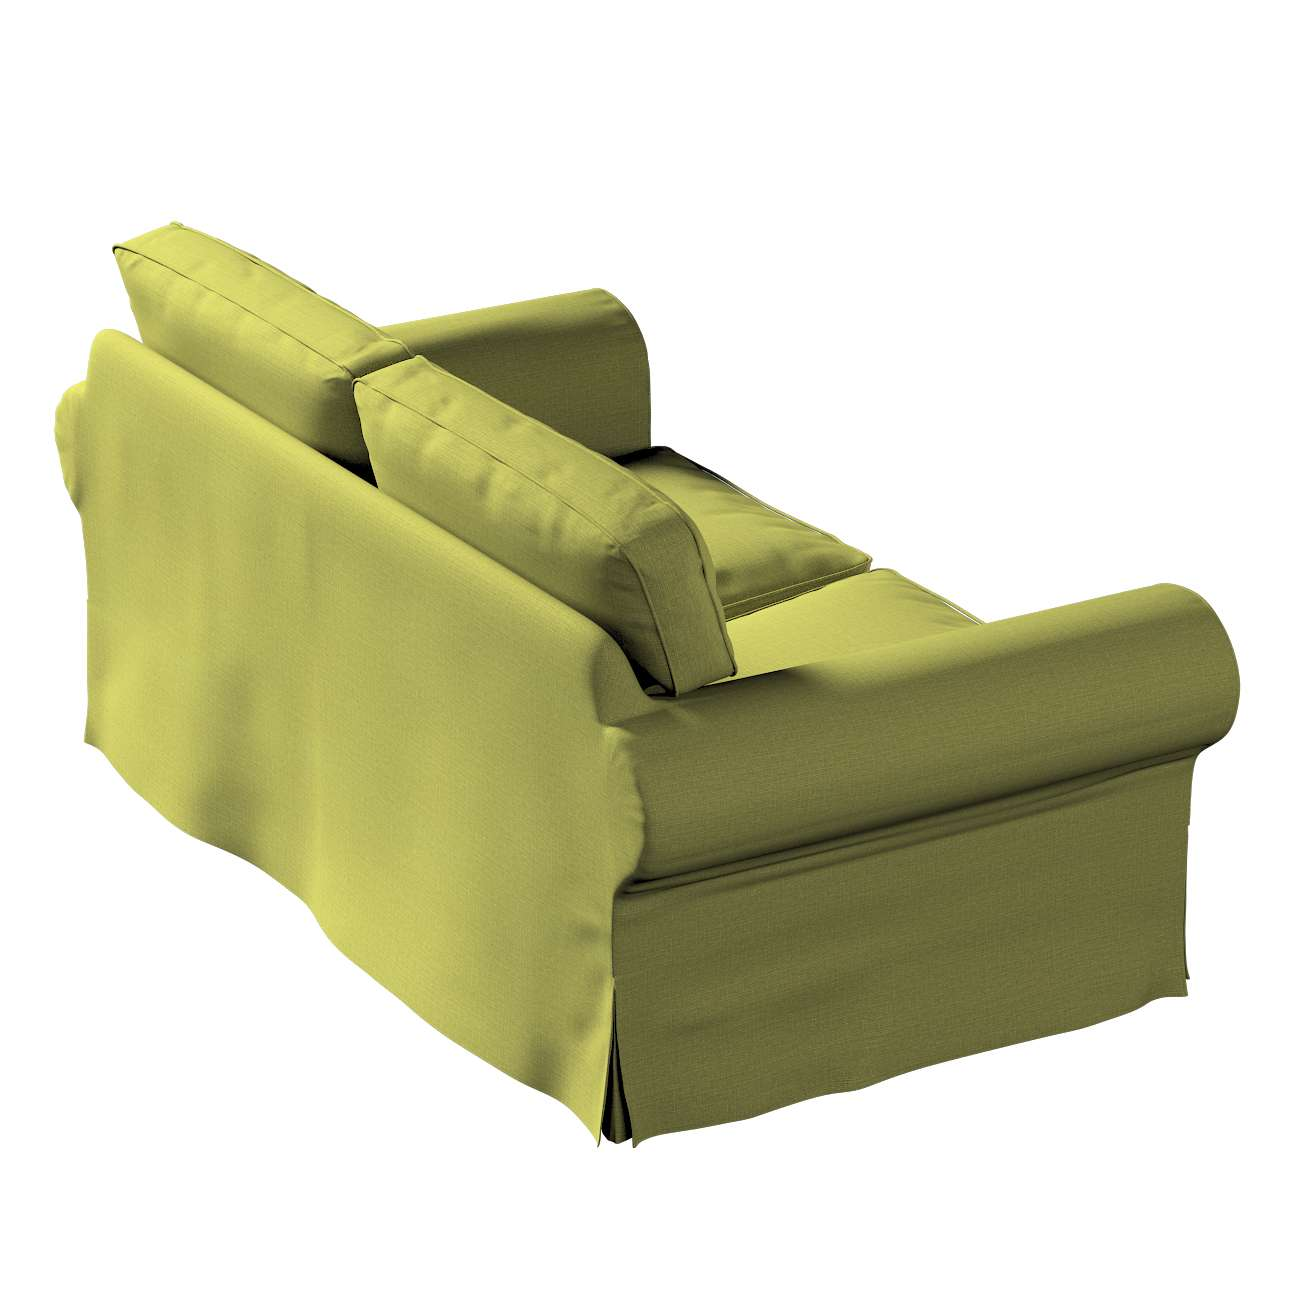 Poťah na sedačku Ektorp (rozkladacia, pre 2 osoby) NOVÝ MODEL 2012 V kolekcii Living 2, tkanina: 161-13